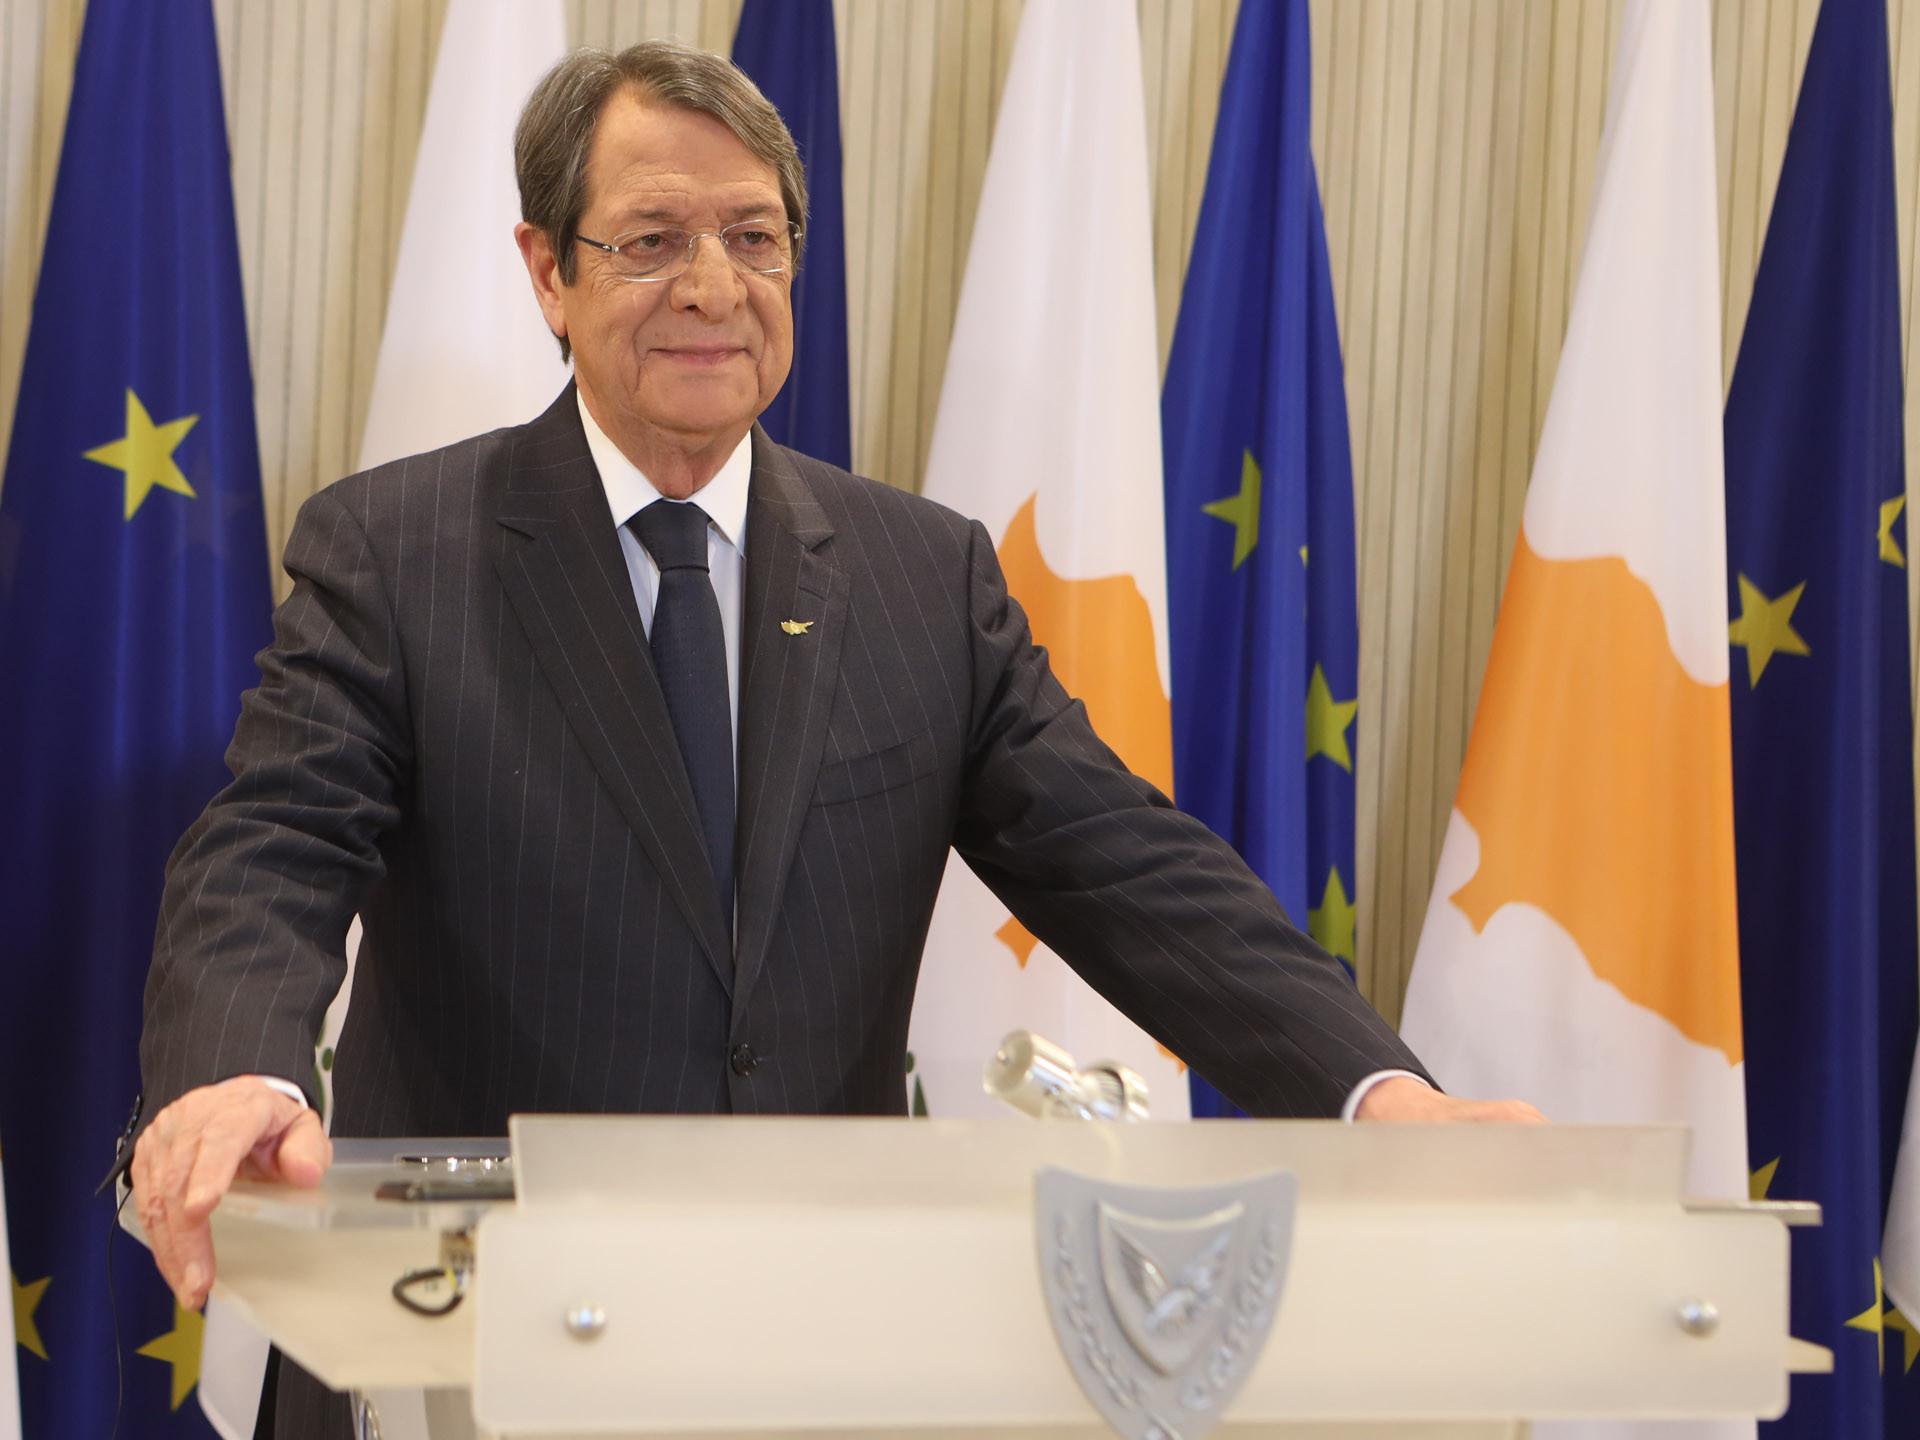 Αναστασιάδης: Παρουσιάζει τα μέτρα κατά της διαφθοράς- Η ομιλία του